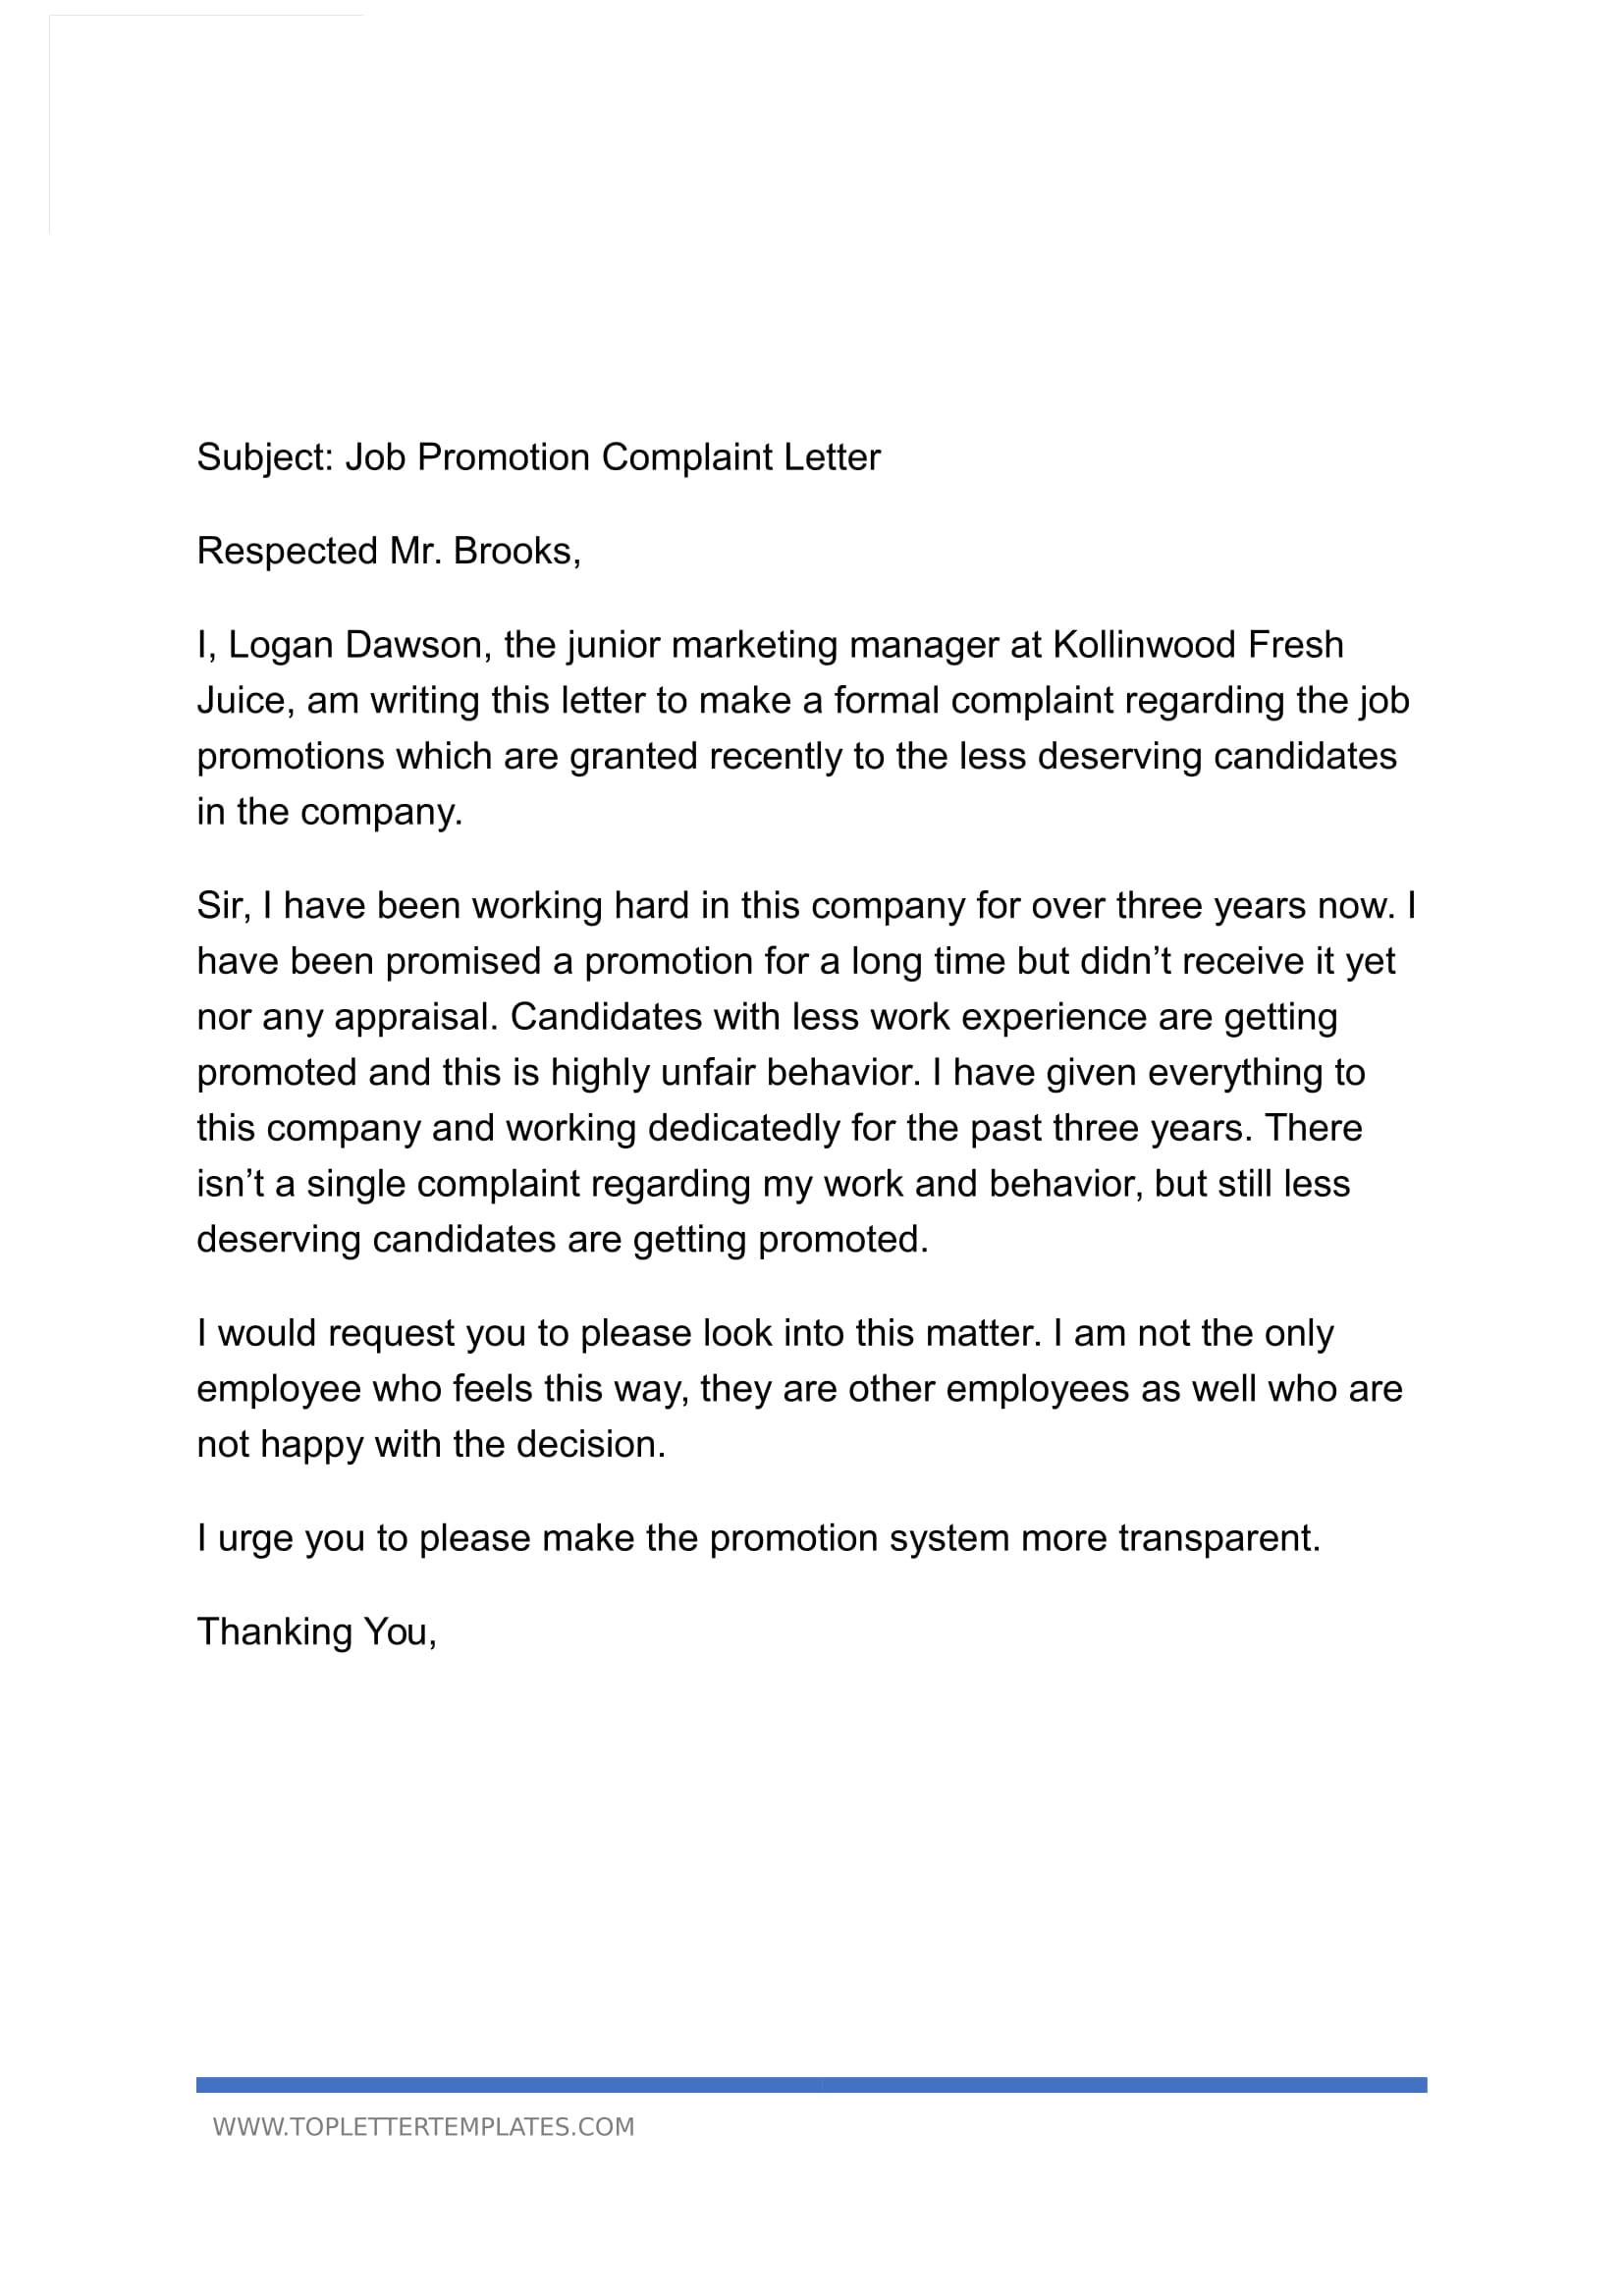 Sample Letter Of Complaint Against Supervisor from toplettertemplates.com